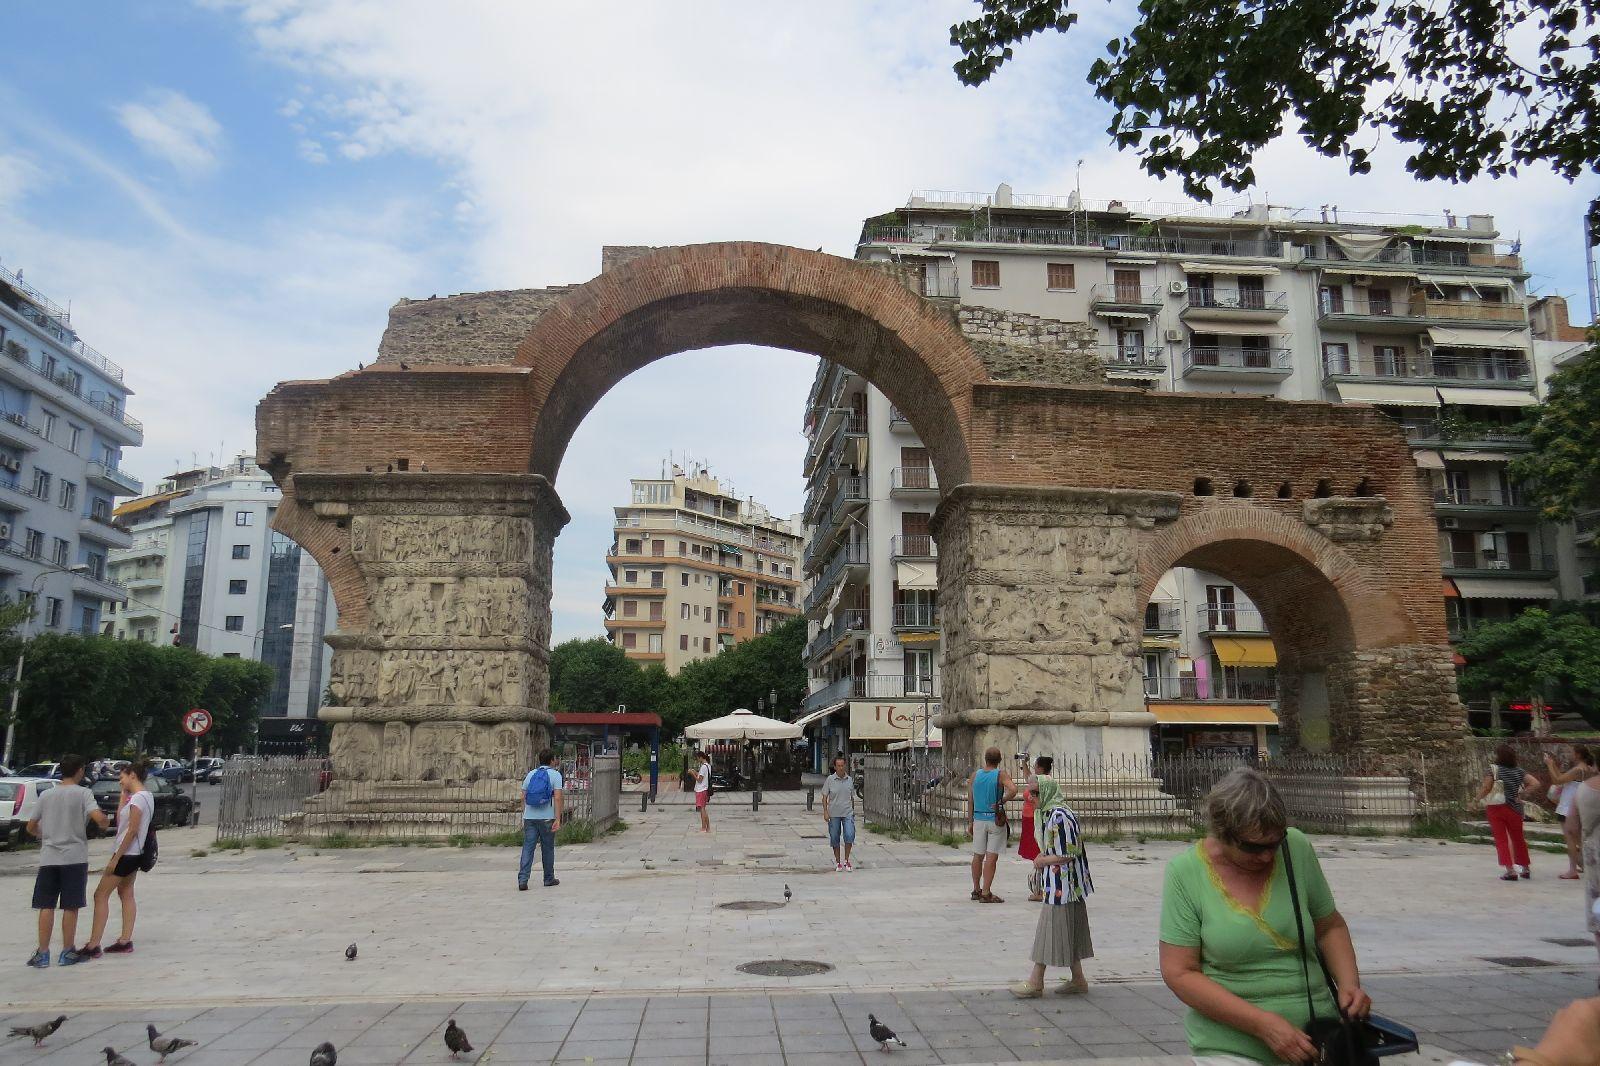 Oglądasz obraz z artykułu: Grecja bis - Saloniki